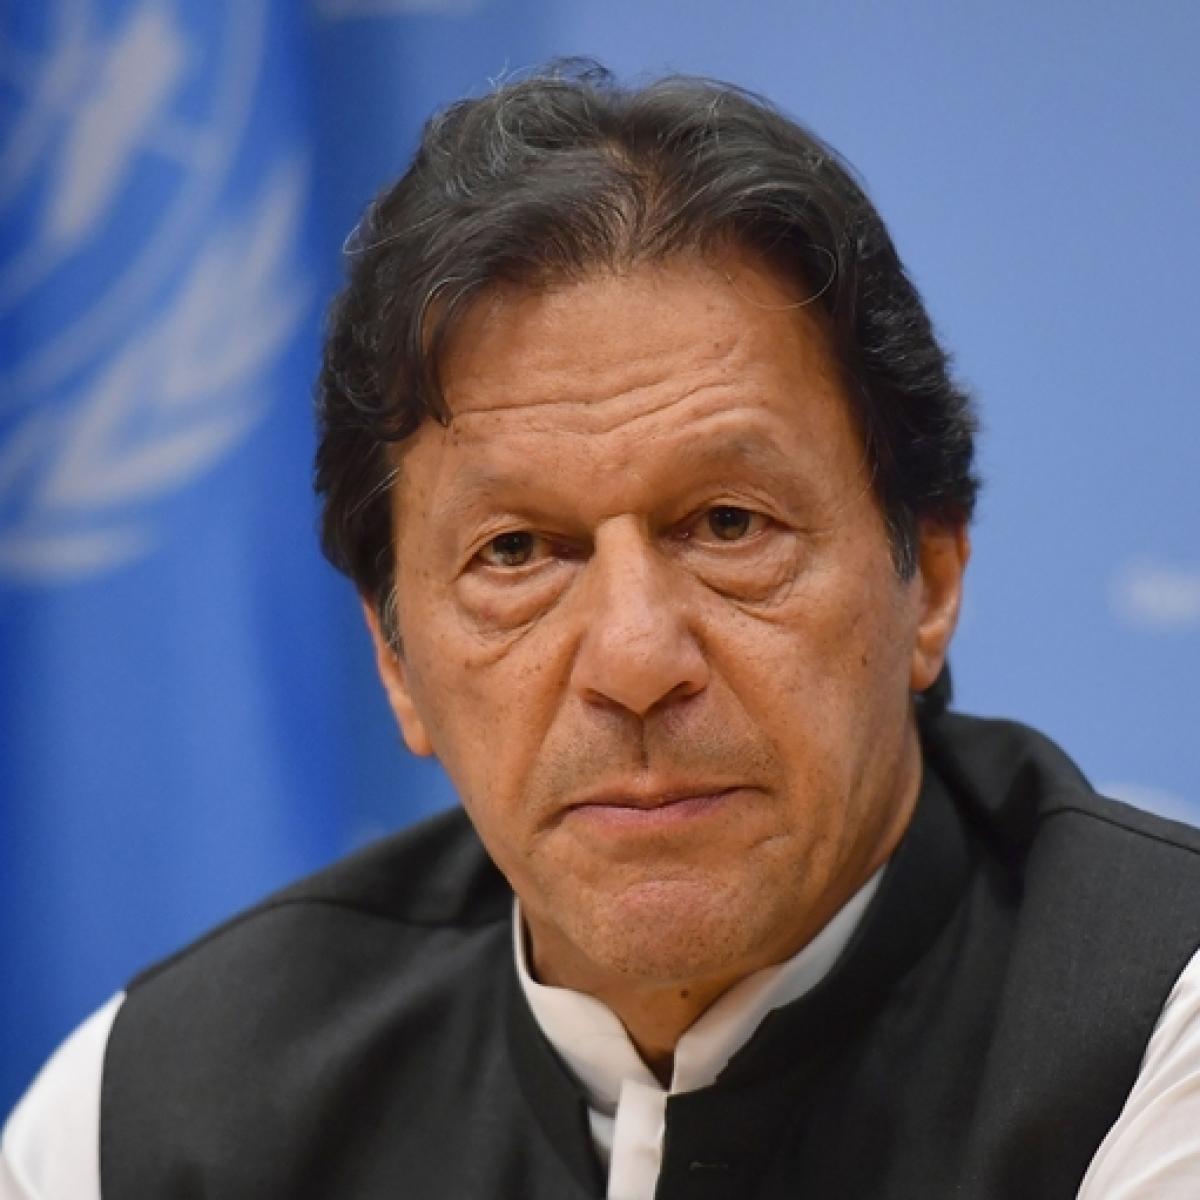 """Islamophobia creating divisions, hijab becoming a """"weapon"""": Imran Khan at UNGA"""